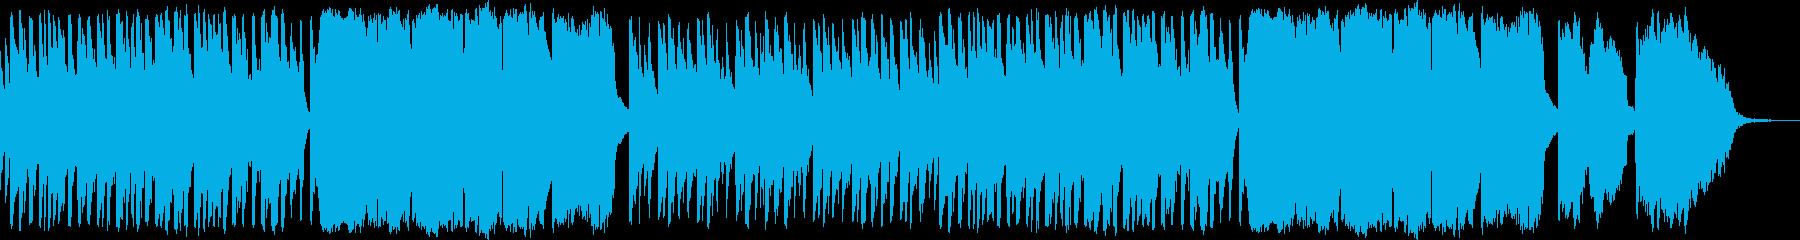 和の心、大切に思う感動の琴と尺八cの再生済みの波形